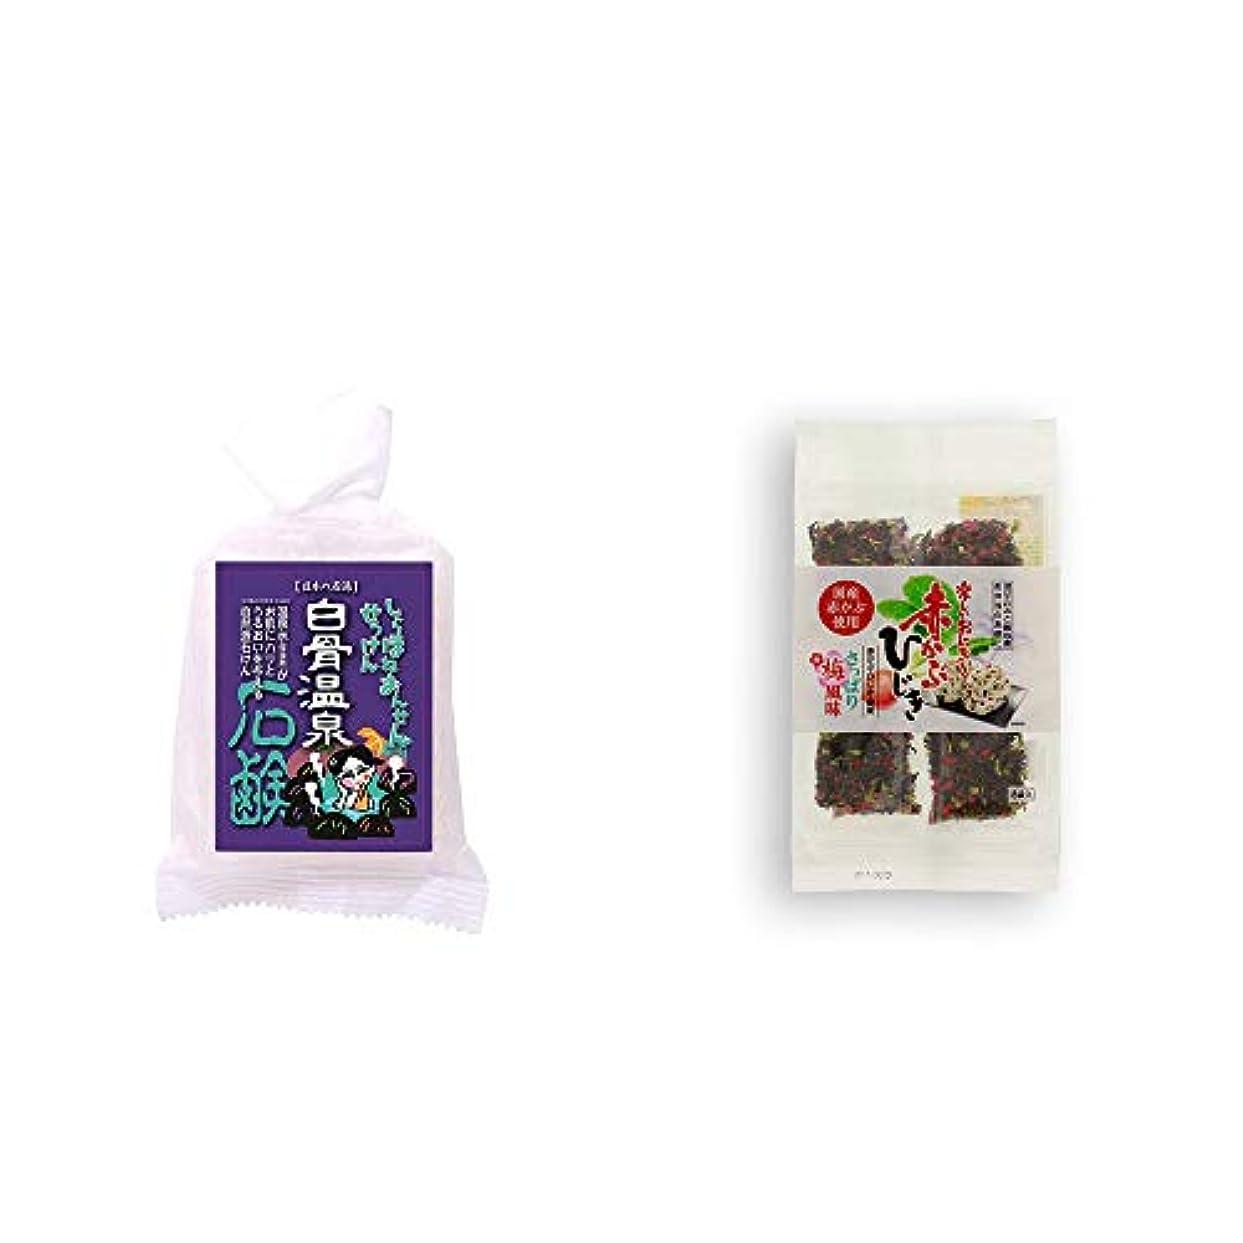 教師の日ラリーベルモントバズ[2点セット] 信州 白骨温泉石鹸(80g)?楽しいおにぎり 赤かぶひじき(8g×8袋)